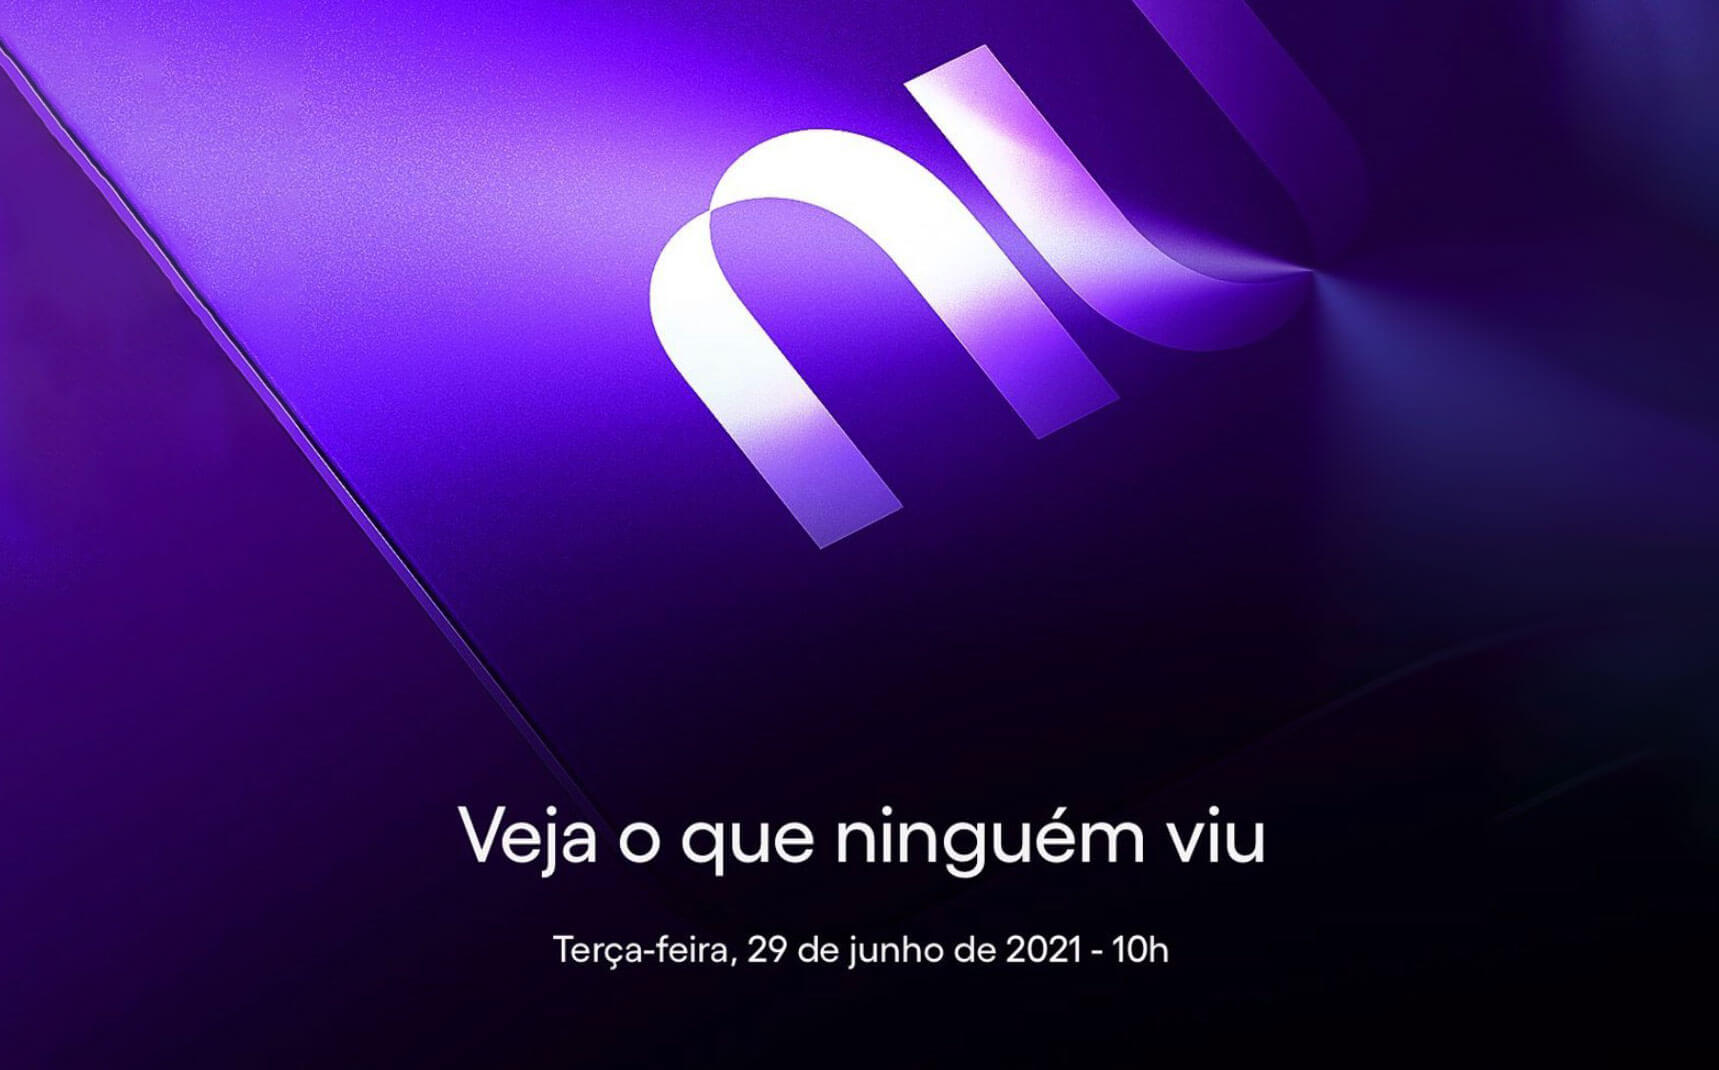 Nuconvite2 Nubank apresentará grandes novidades no dia 29 de junho